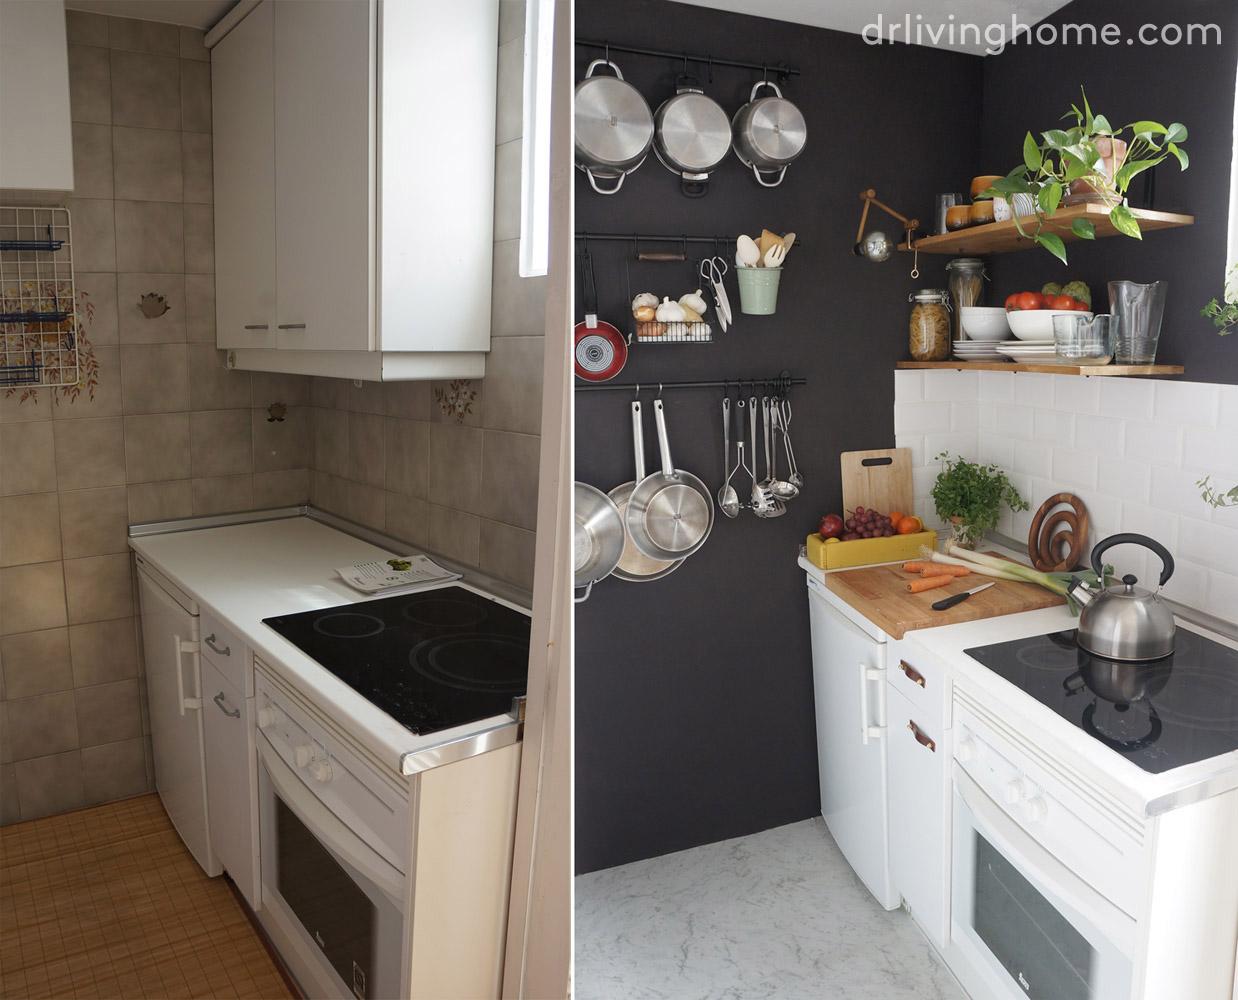 Renovar la cocina sin obras iv colocar suelo vin lico - Vinilos suelo cocina ...